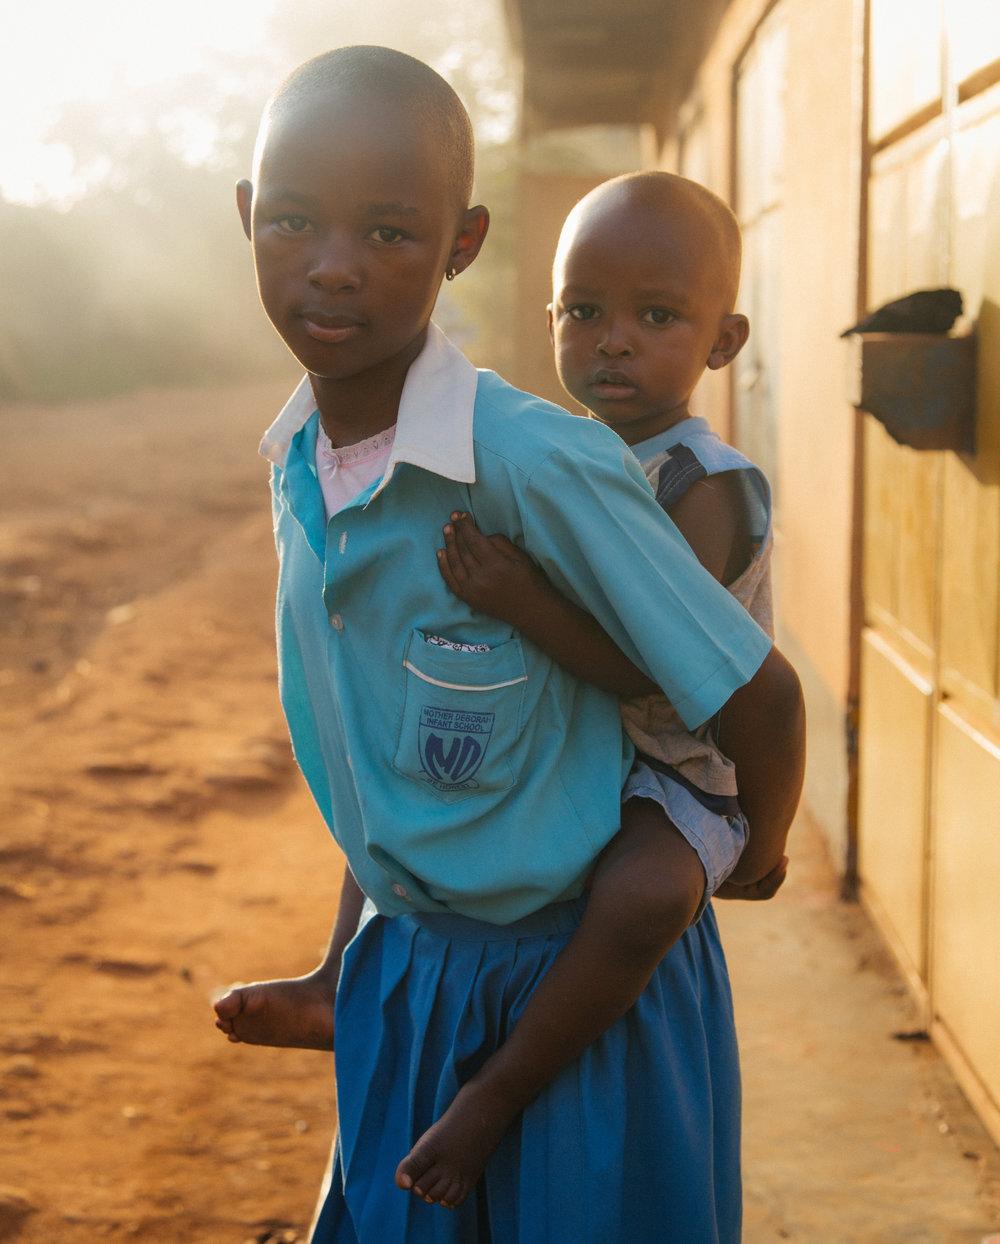 uganda-20.jpg